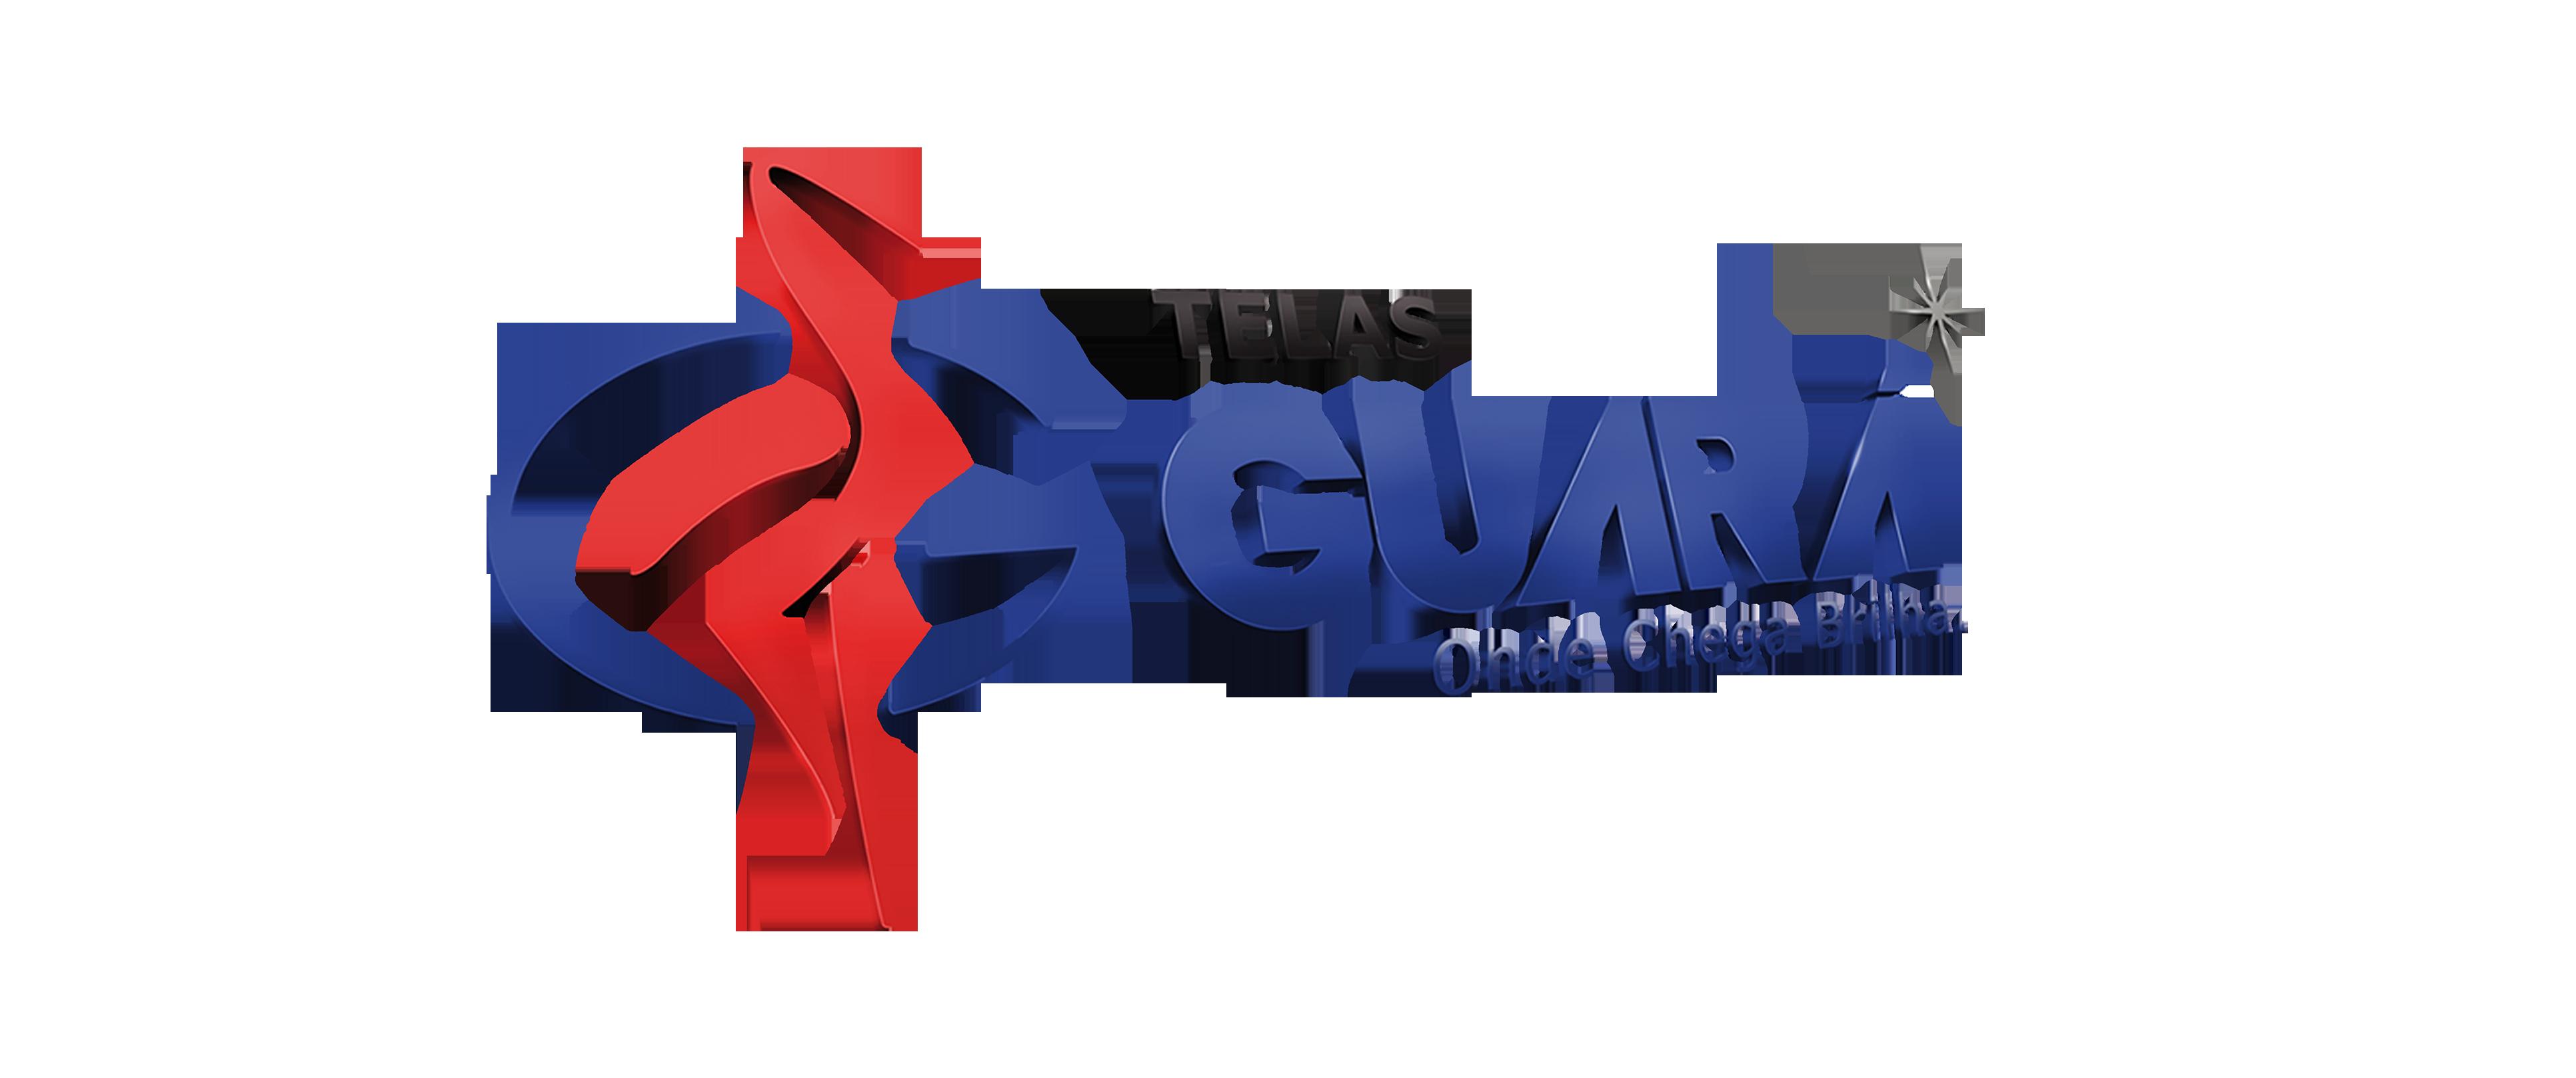 Telas Guará